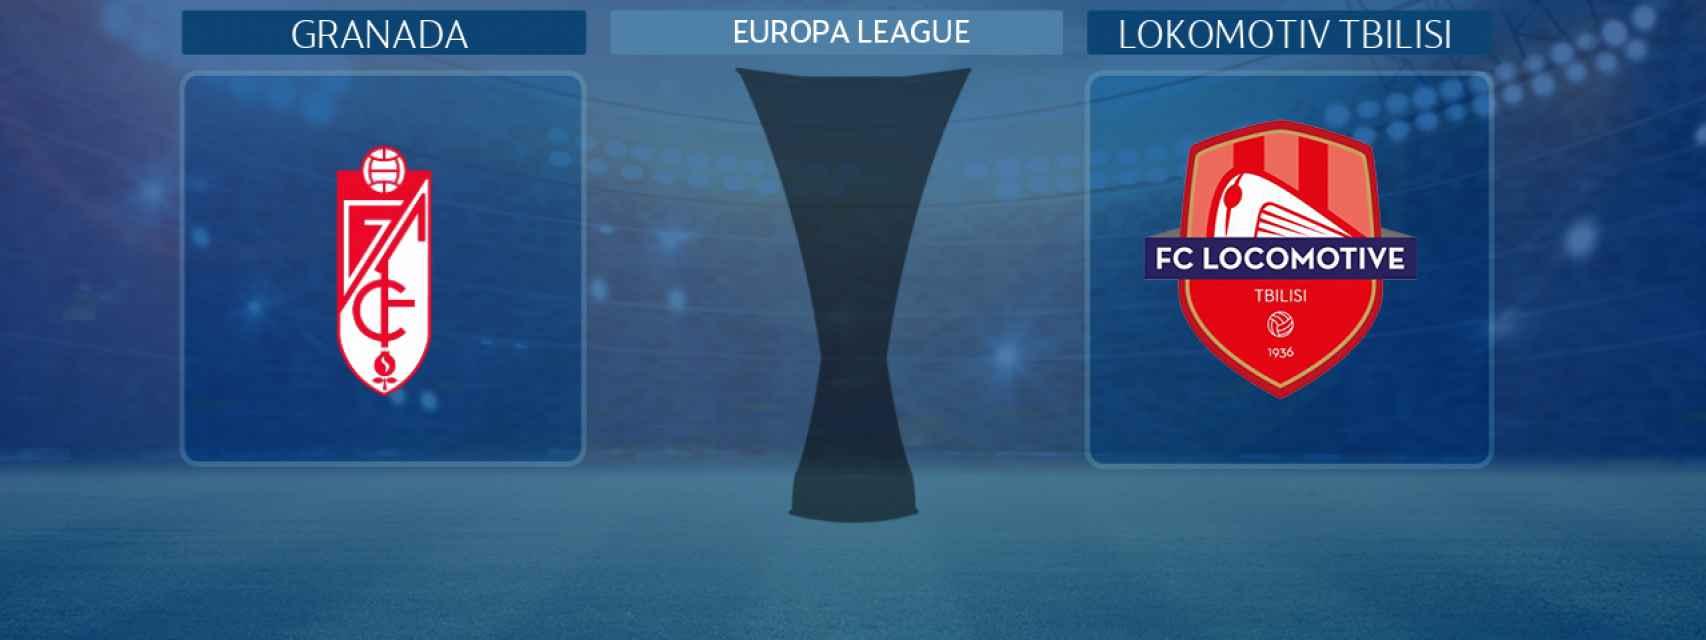 Granada - Lokomotiv Tbilisi, partido de la previa de la Europa League